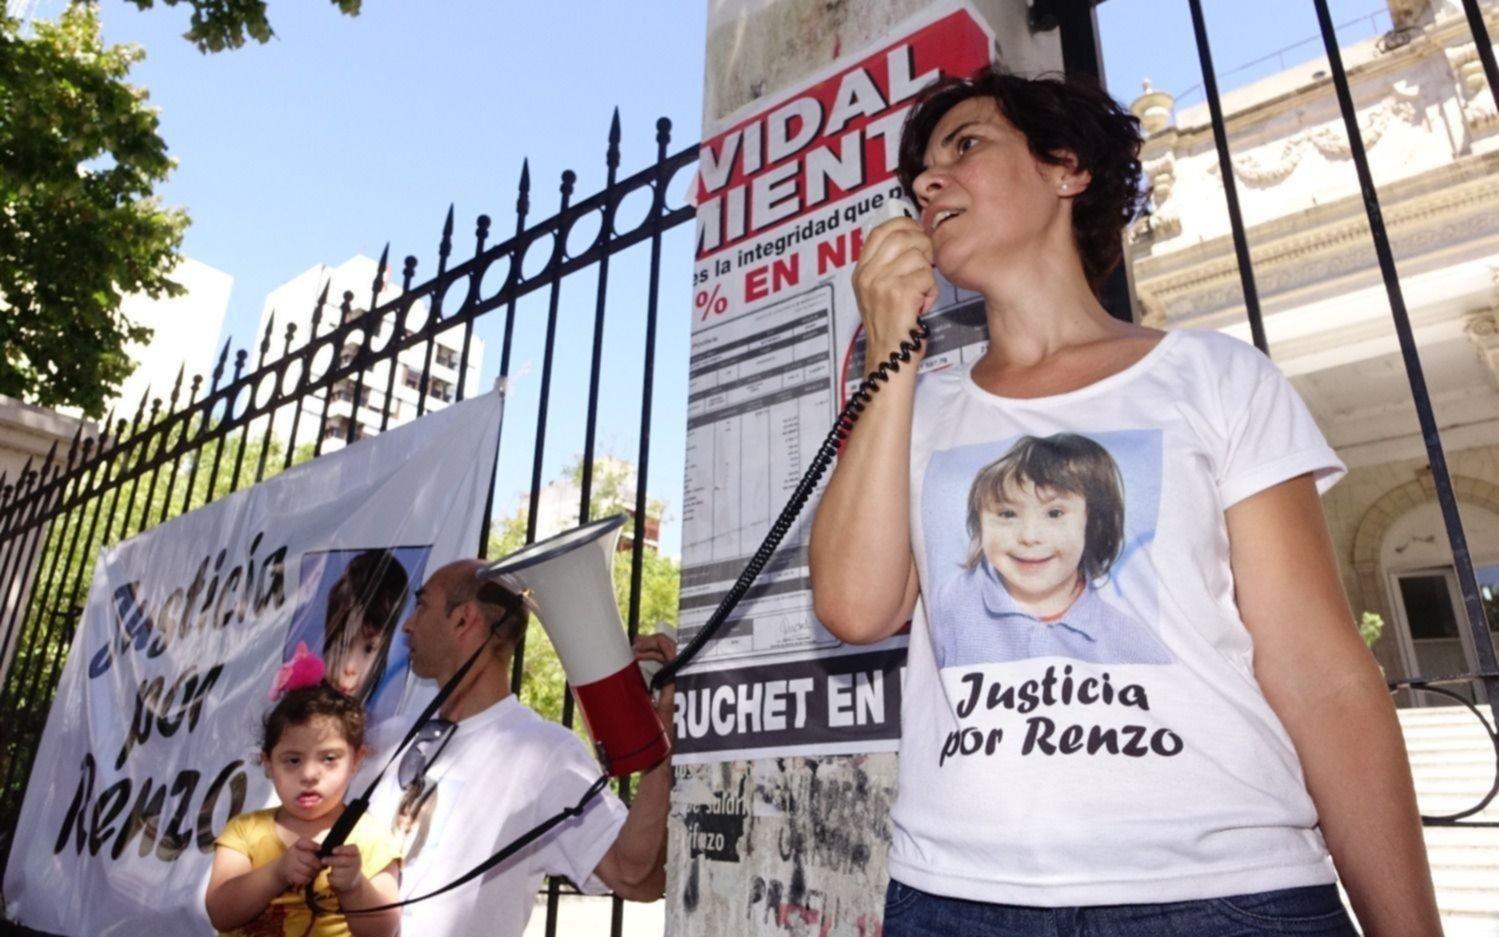 Caso Renzo Villanueva: prisión domiciliaria a uno de los acusados y el juicio será en 2022